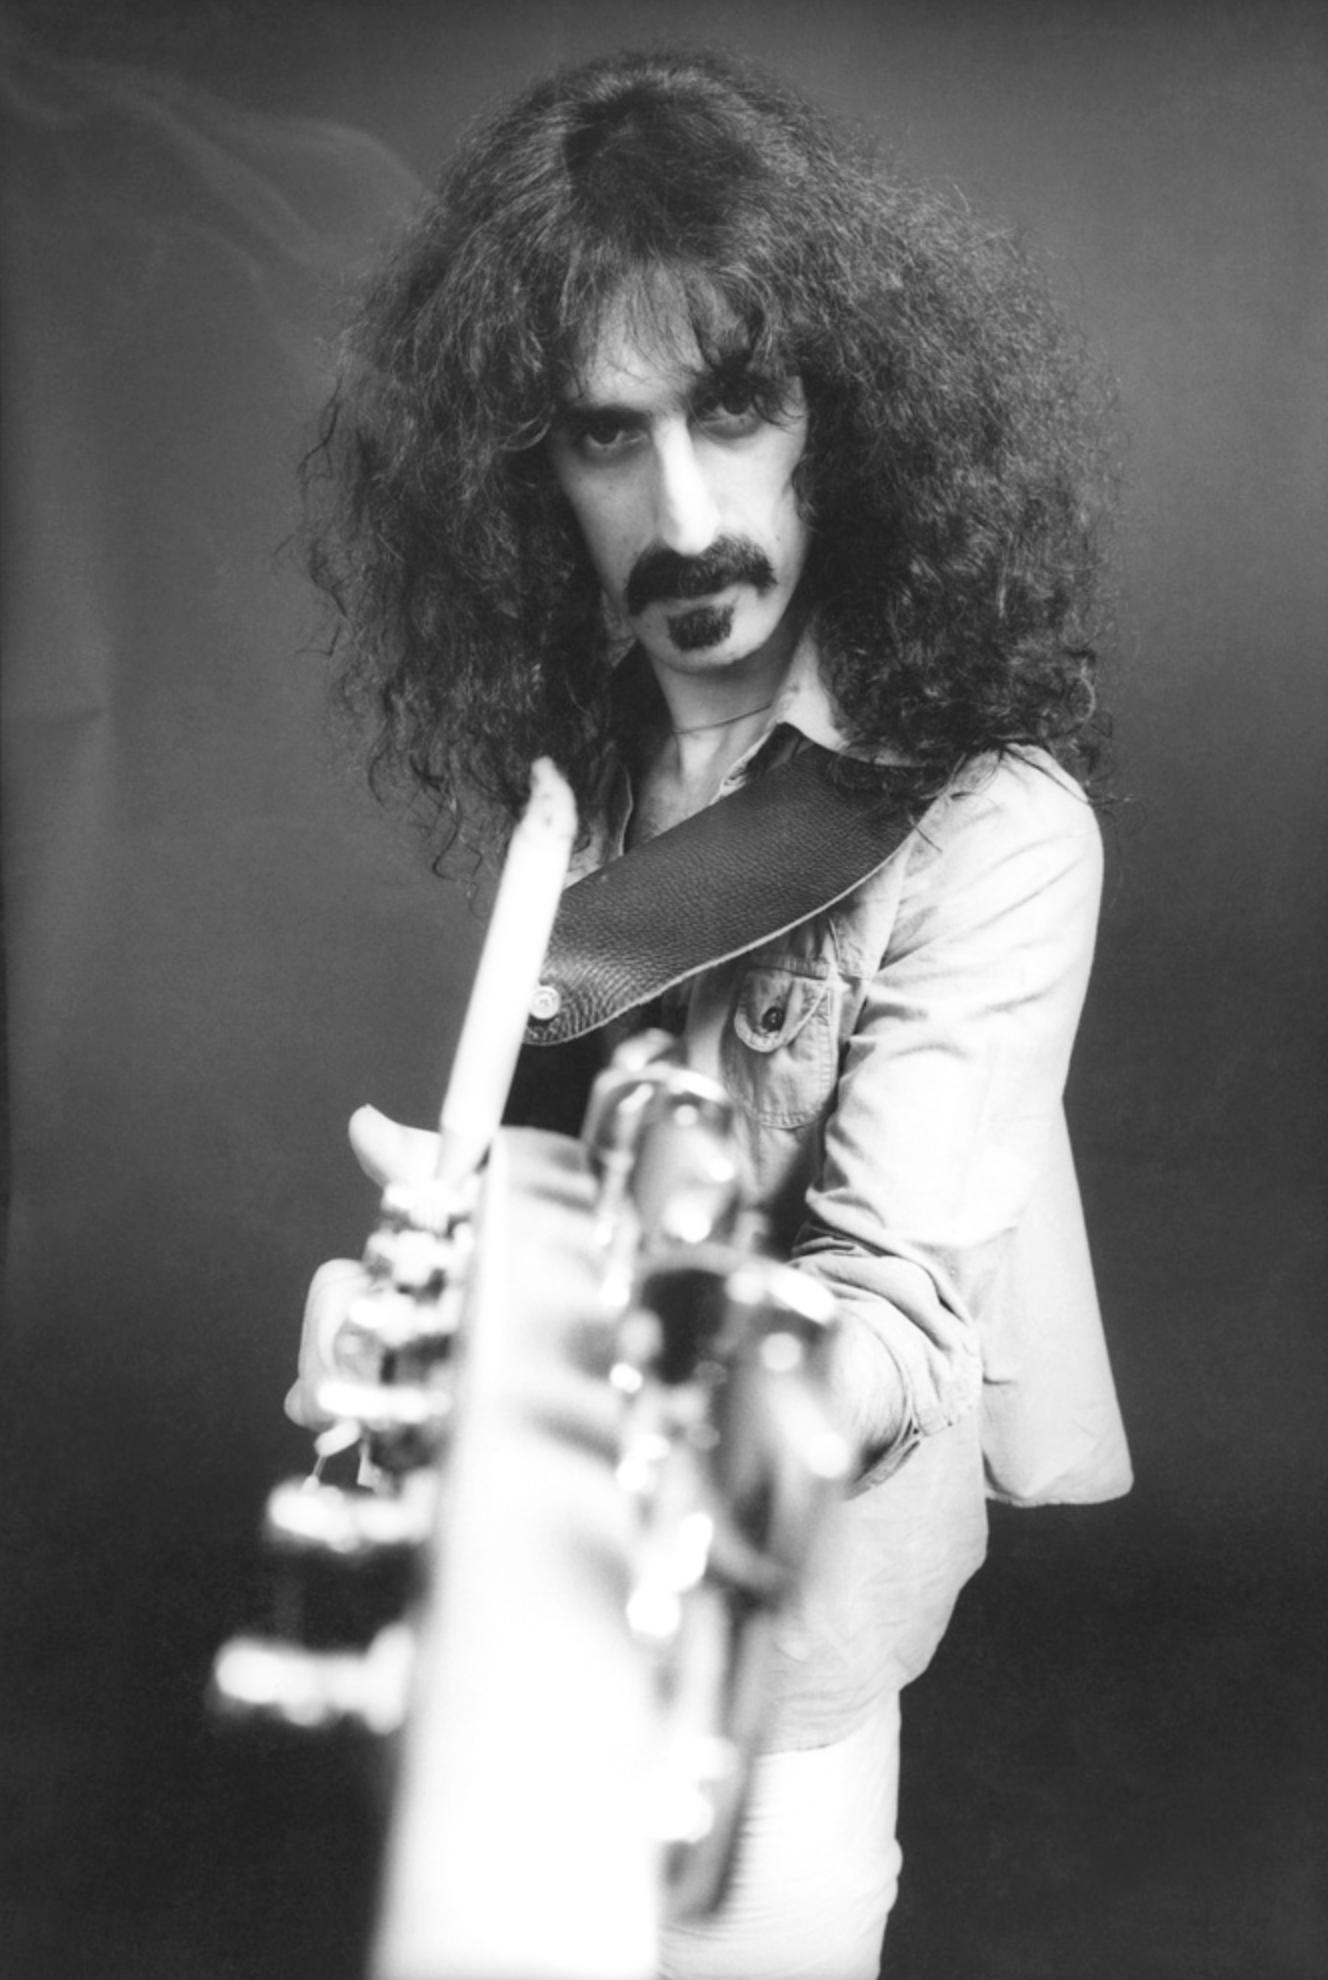 Фрэнк Заппа, 1976 (photo © Neil Zlozover)